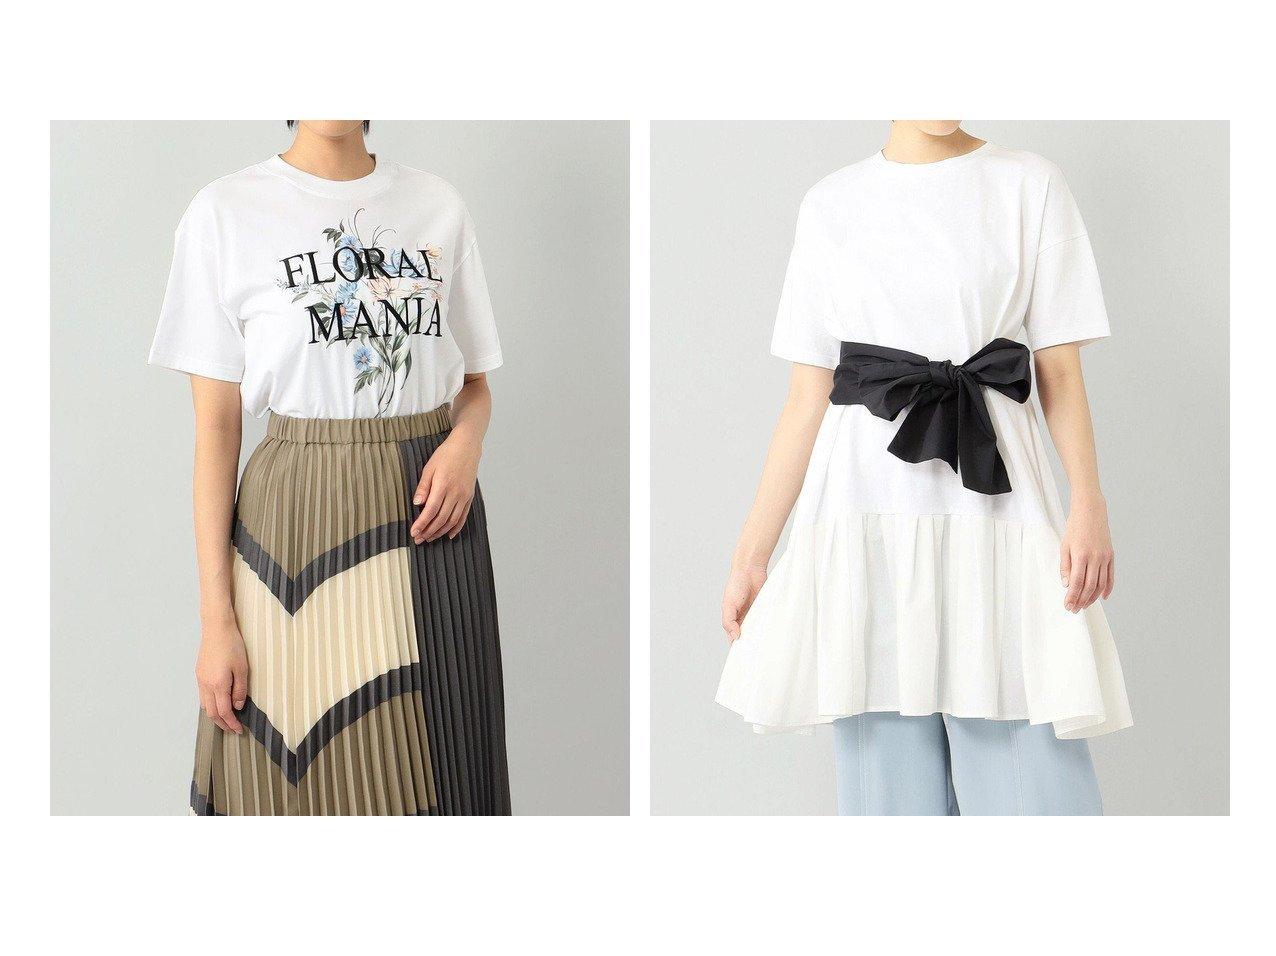 【GRACE CONTINENTAL/グレース コンチネンタル】のフラワープリントTシャツ&タフタリボンチュニック 【トップス・カットソー】おすすめ!人気、トレンド・レディースファッションの通販 おすすめで人気の流行・トレンド、ファッションの通販商品 インテリア・家具・メンズファッション・キッズファッション・レディースファッション・服の通販 founy(ファニー) https://founy.com/ ファッション Fashion レディースファッション WOMEN トップス・カットソー Tops/Tshirt シャツ/ブラウス Shirts/Blouses ロング / Tシャツ T-Shirts カットソー Cut and Sewn 花柄・フラワープリント・モチーフ Flower Patterns 送料無料 Free Shipping カットソー ジャージ フラワー プリント 夏 Summer 定番 Standard ギャザー ジャージー タフタ ビッグ リボン ロマンティック ワイド  ID:crp329100000058380